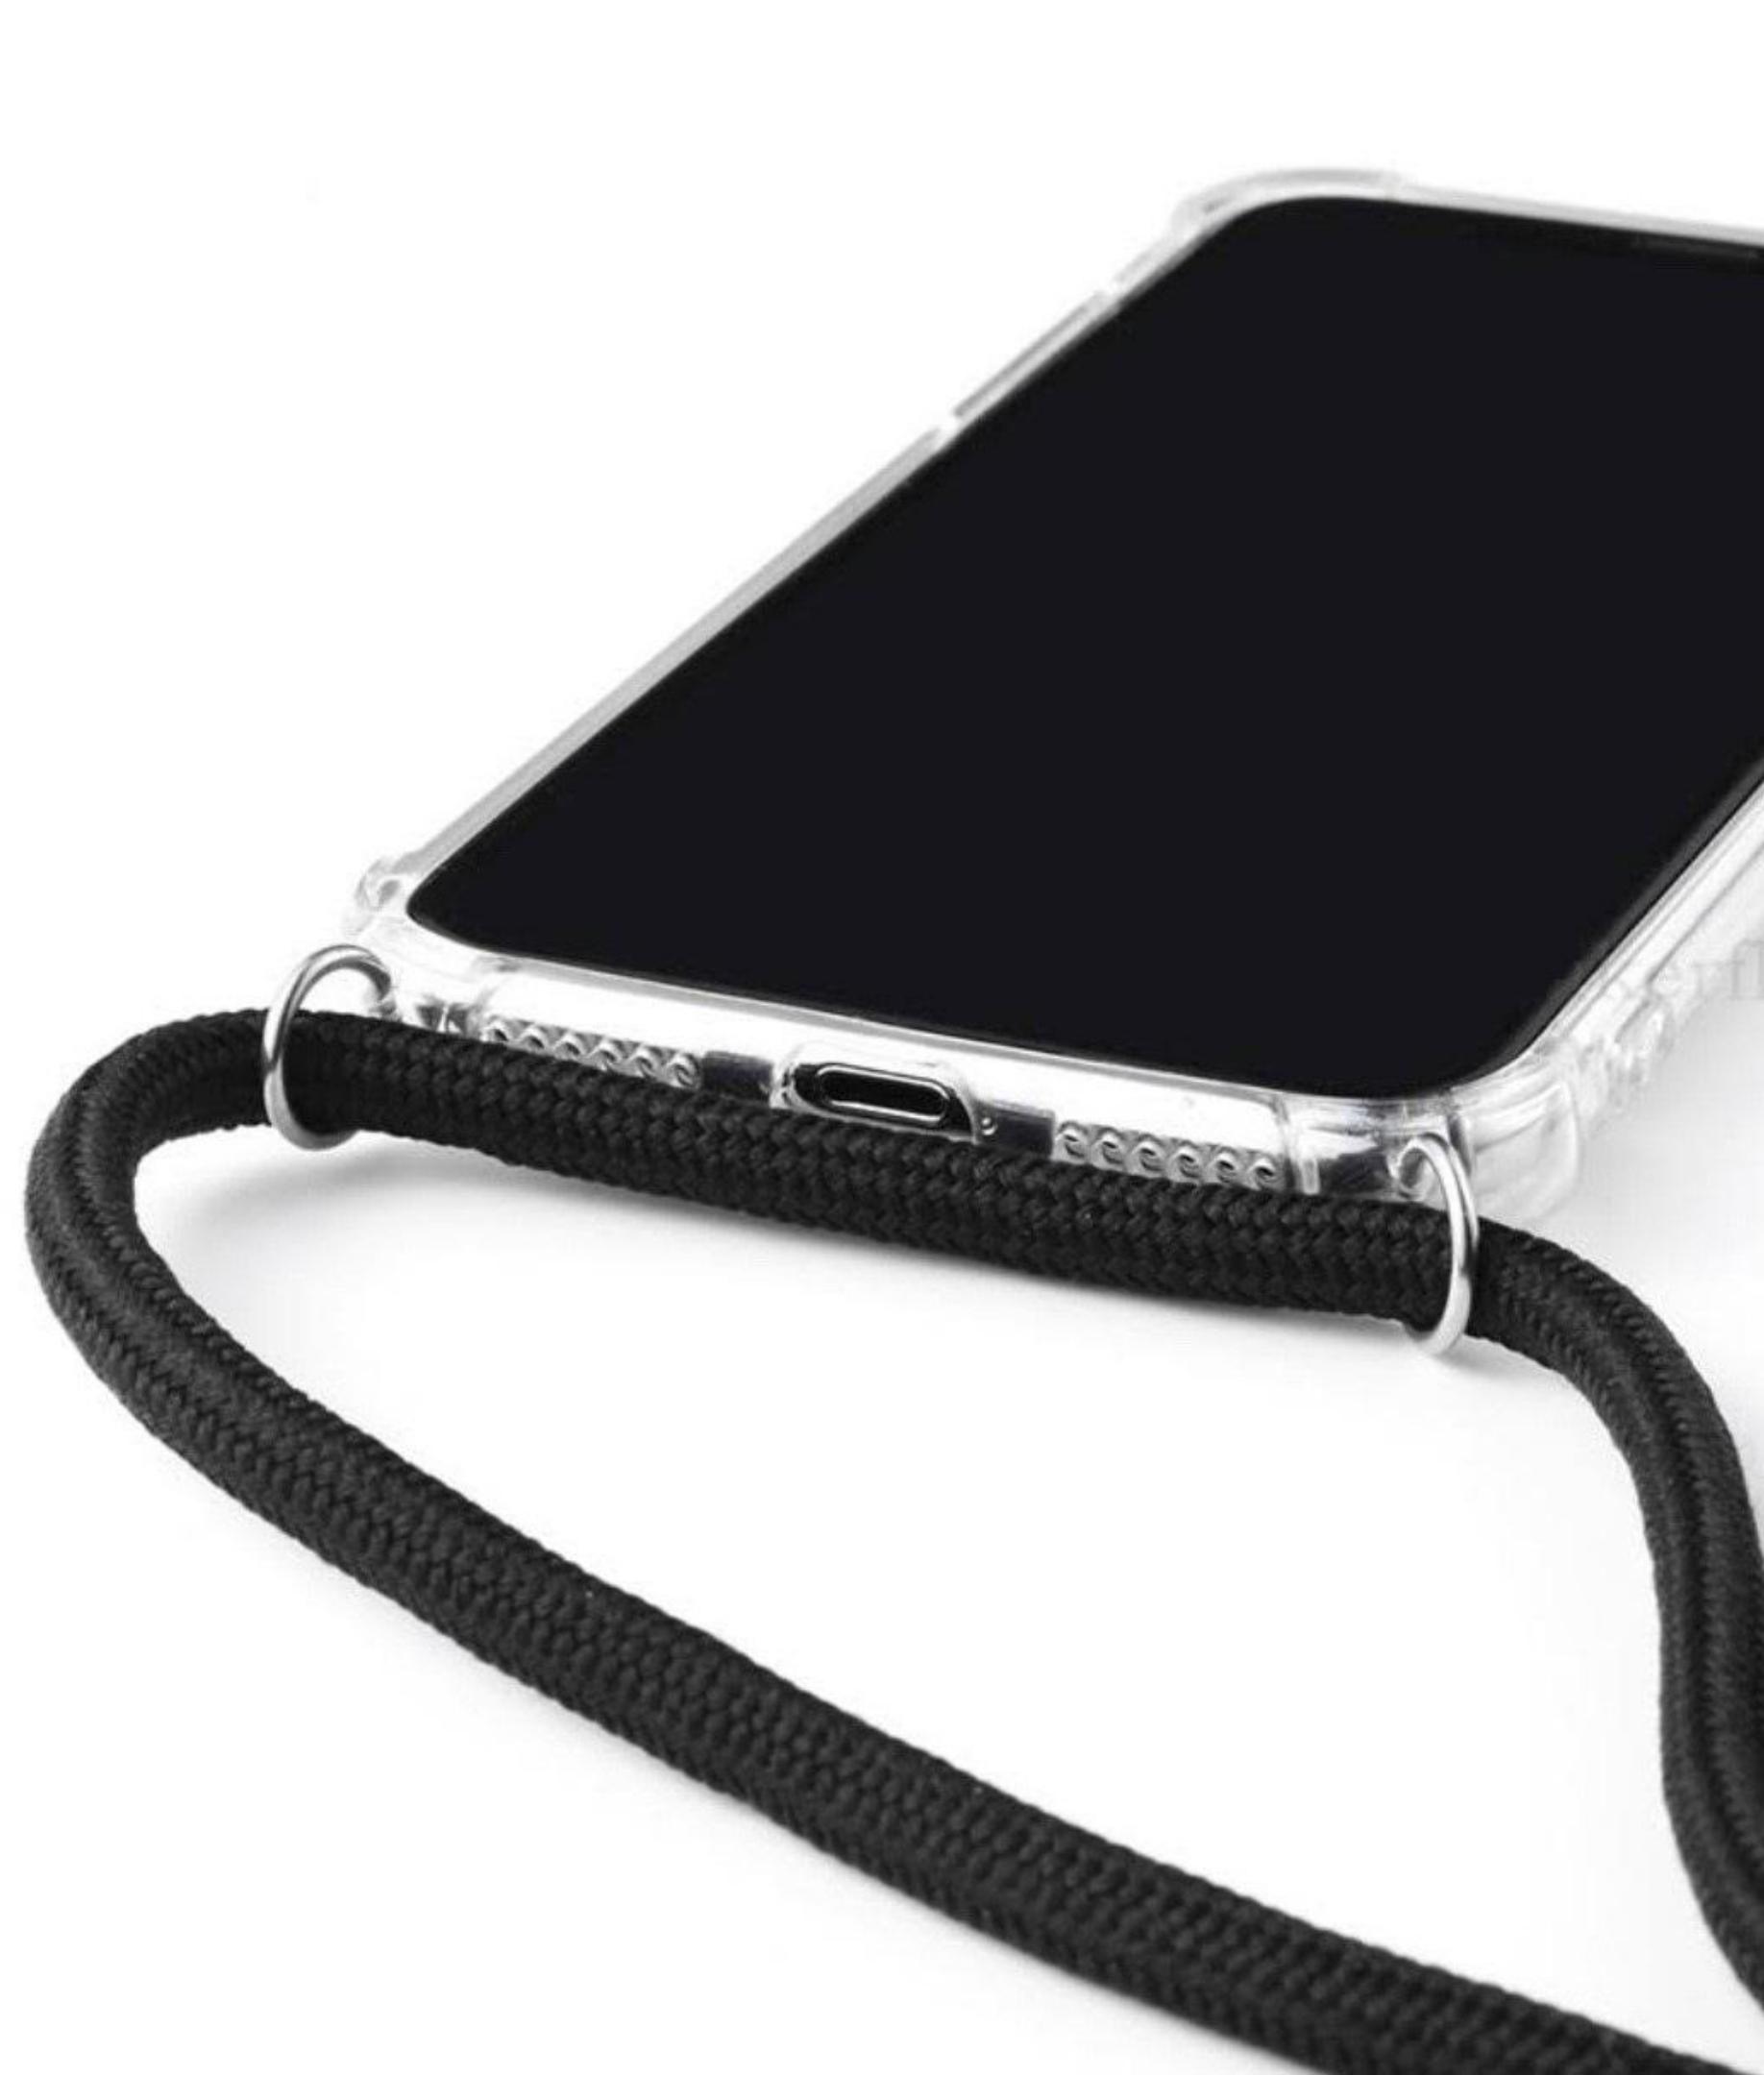 Cas de Iphone 11 de Cordon - Noir